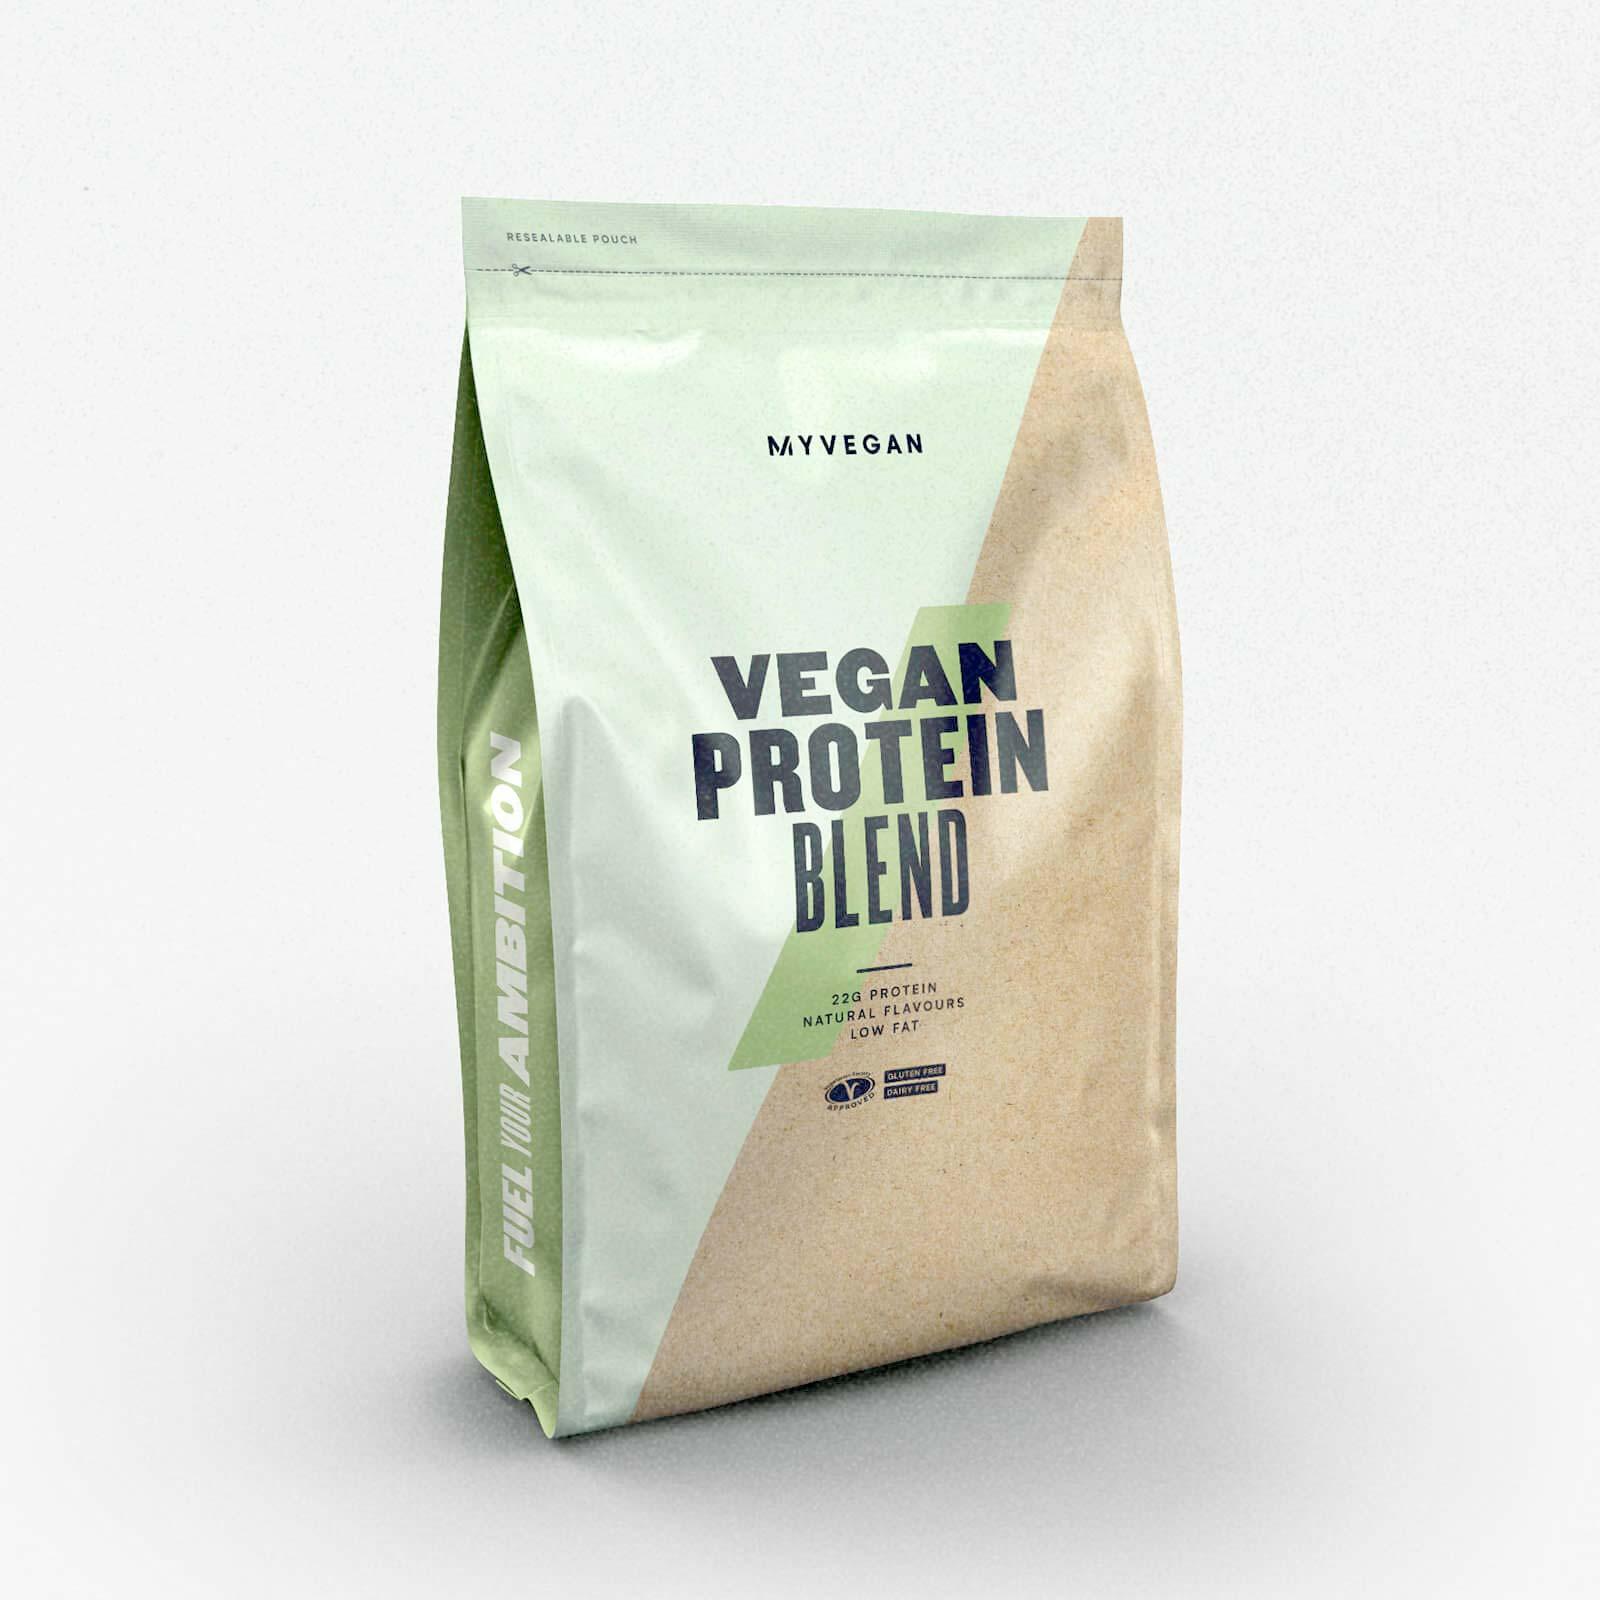 Myprotein Plant Based Protein Powder